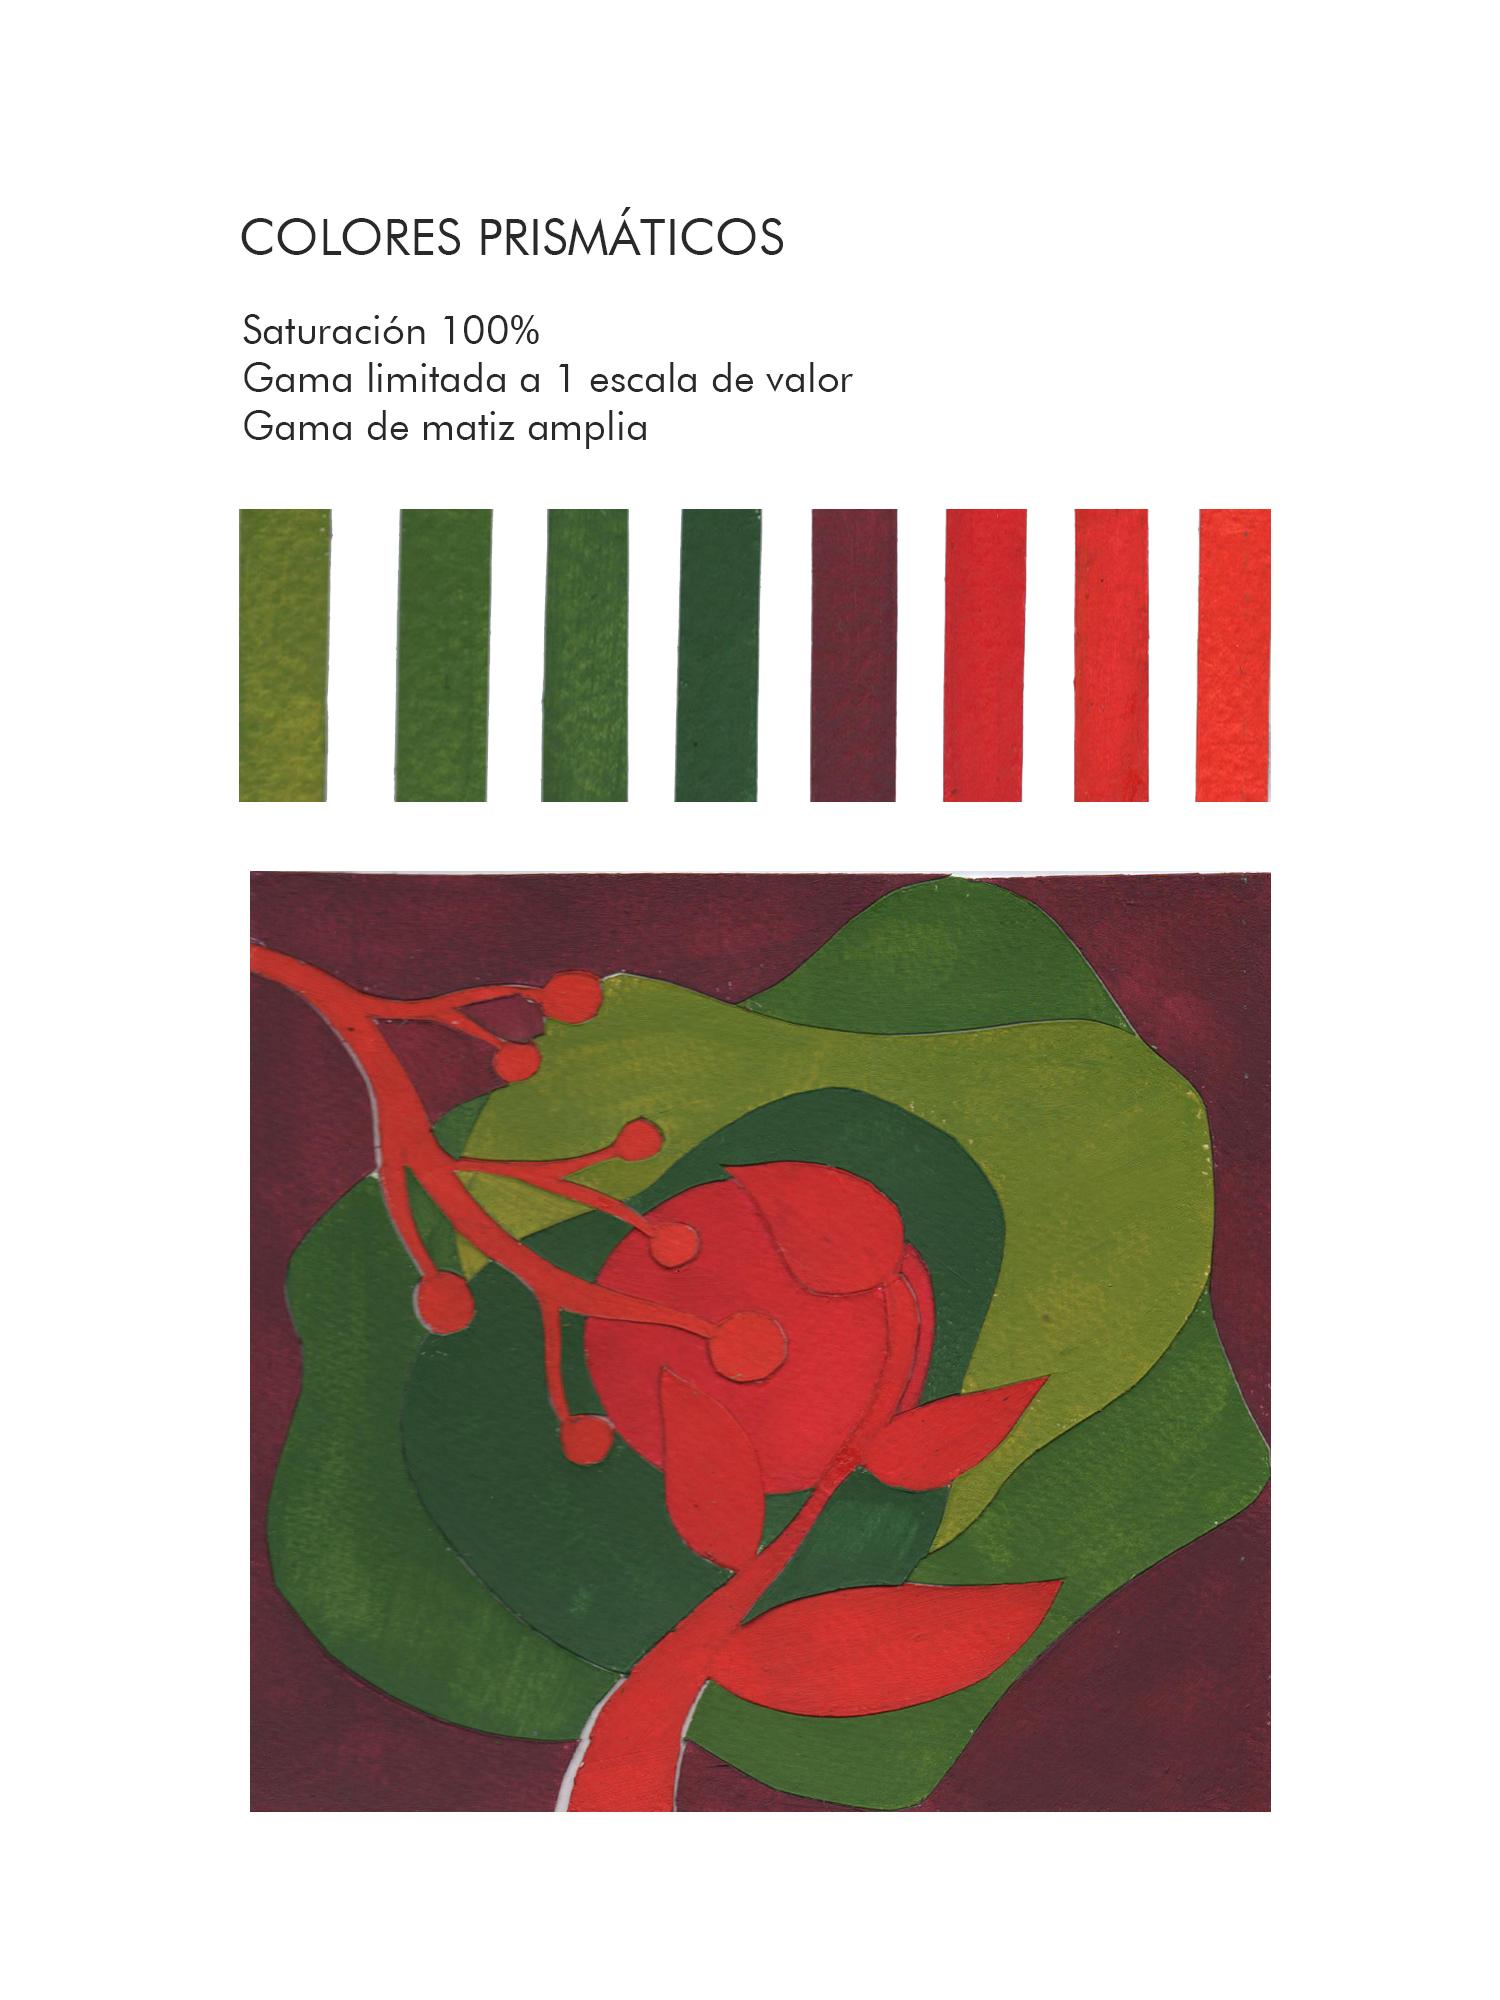 Andrea Santillán, Colores prismáticos